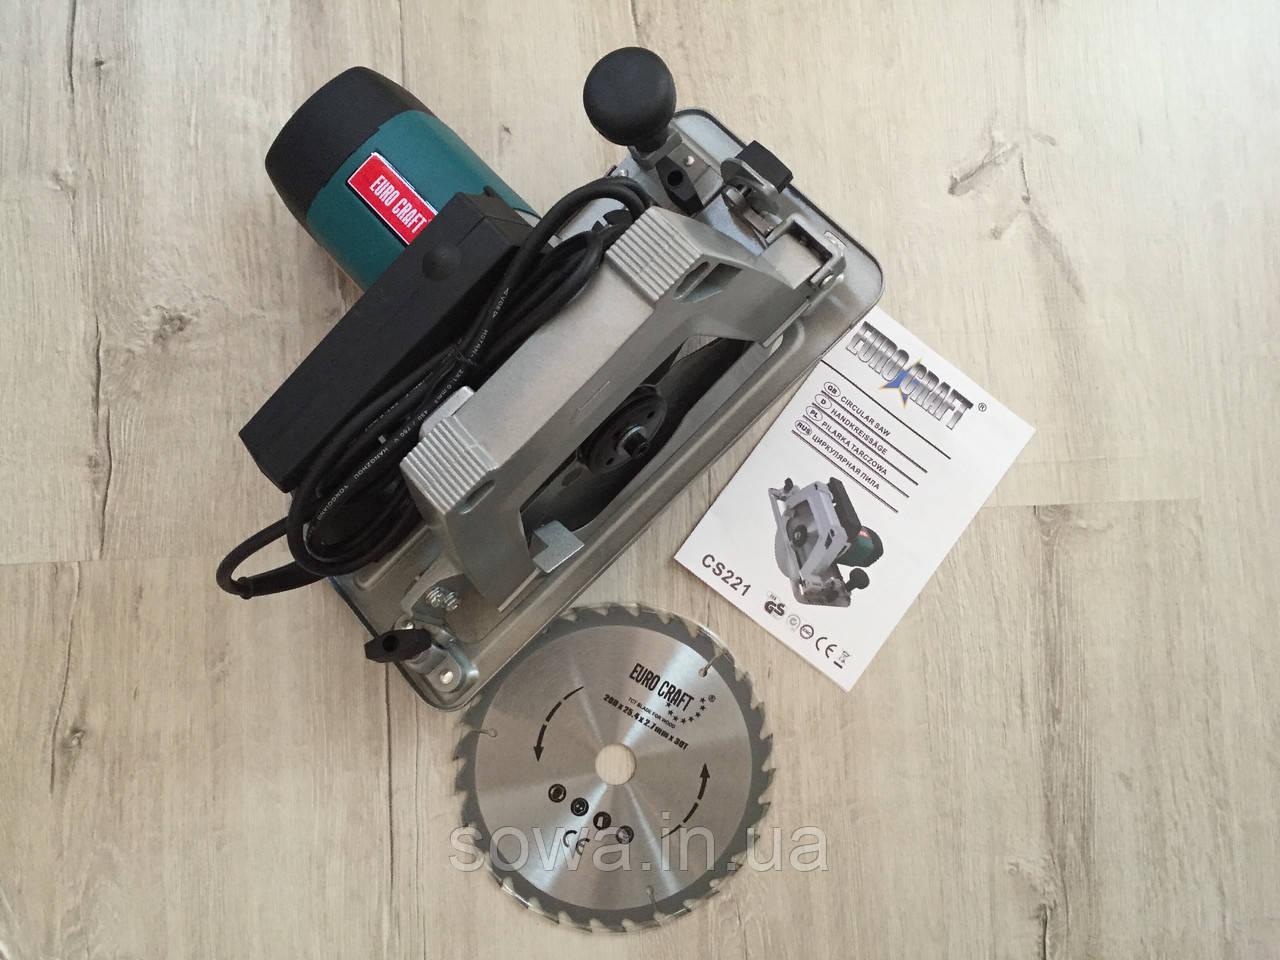 ✔️ Дисковая пила Euro Craft cs221  |  2700 Вт